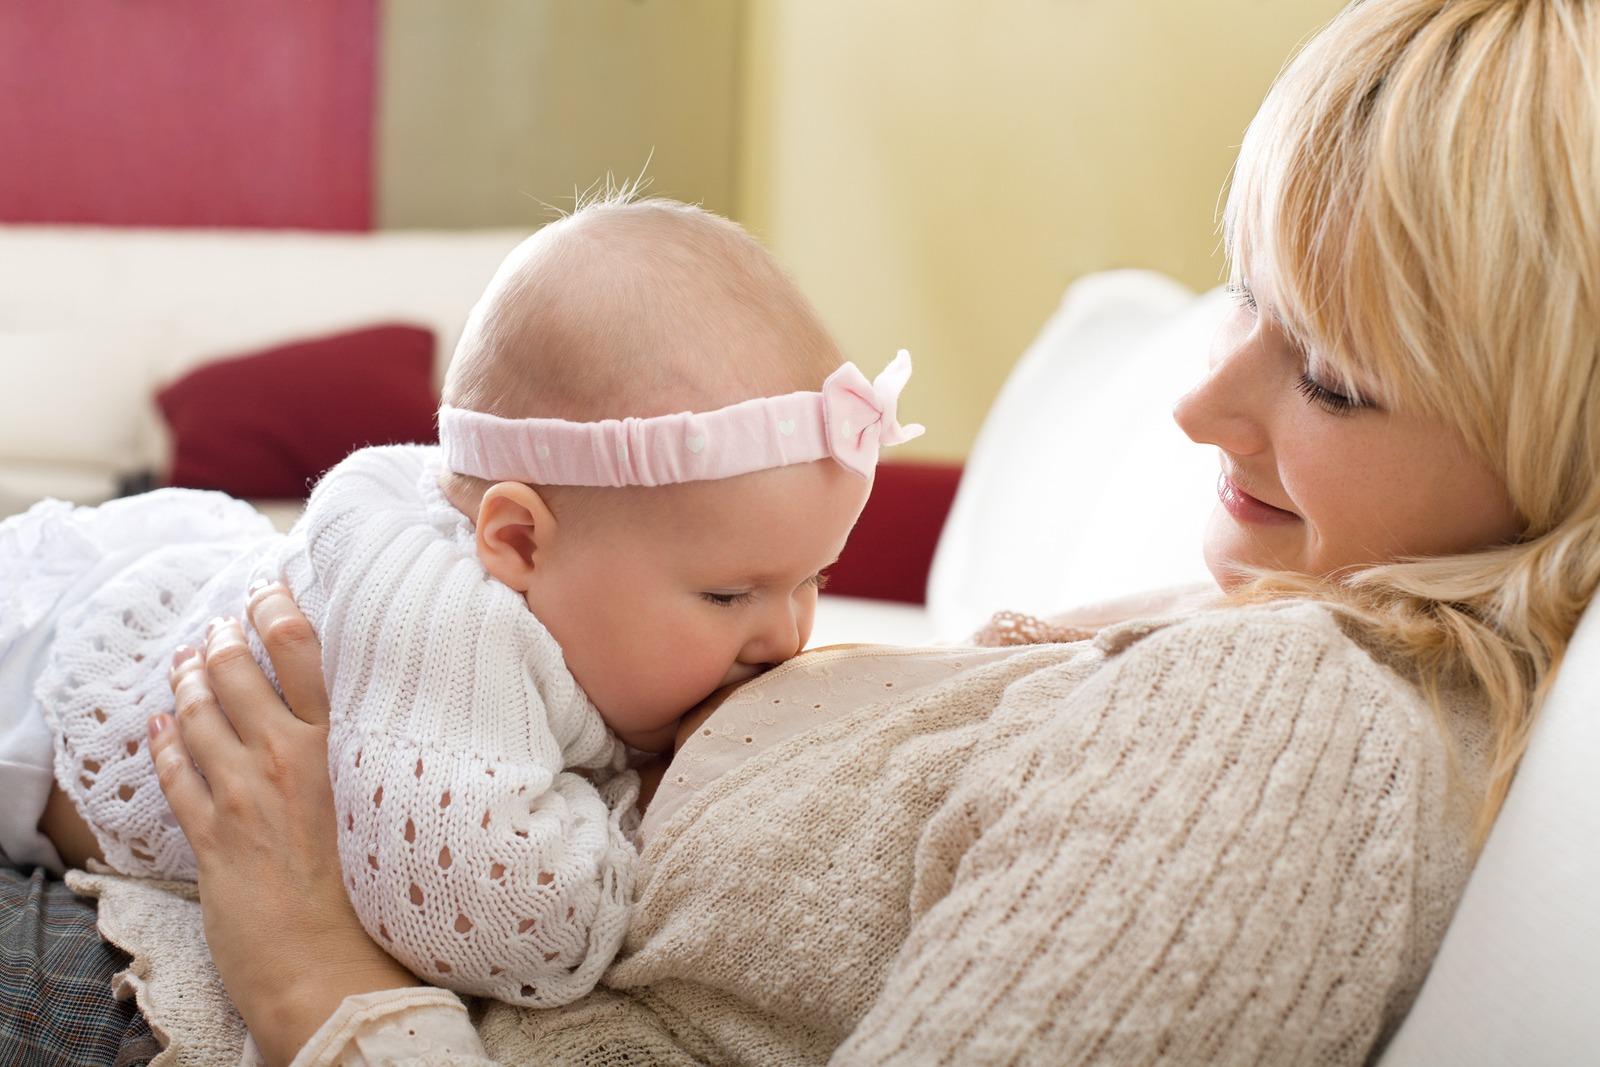 vir: http://www.nursingnurture.com